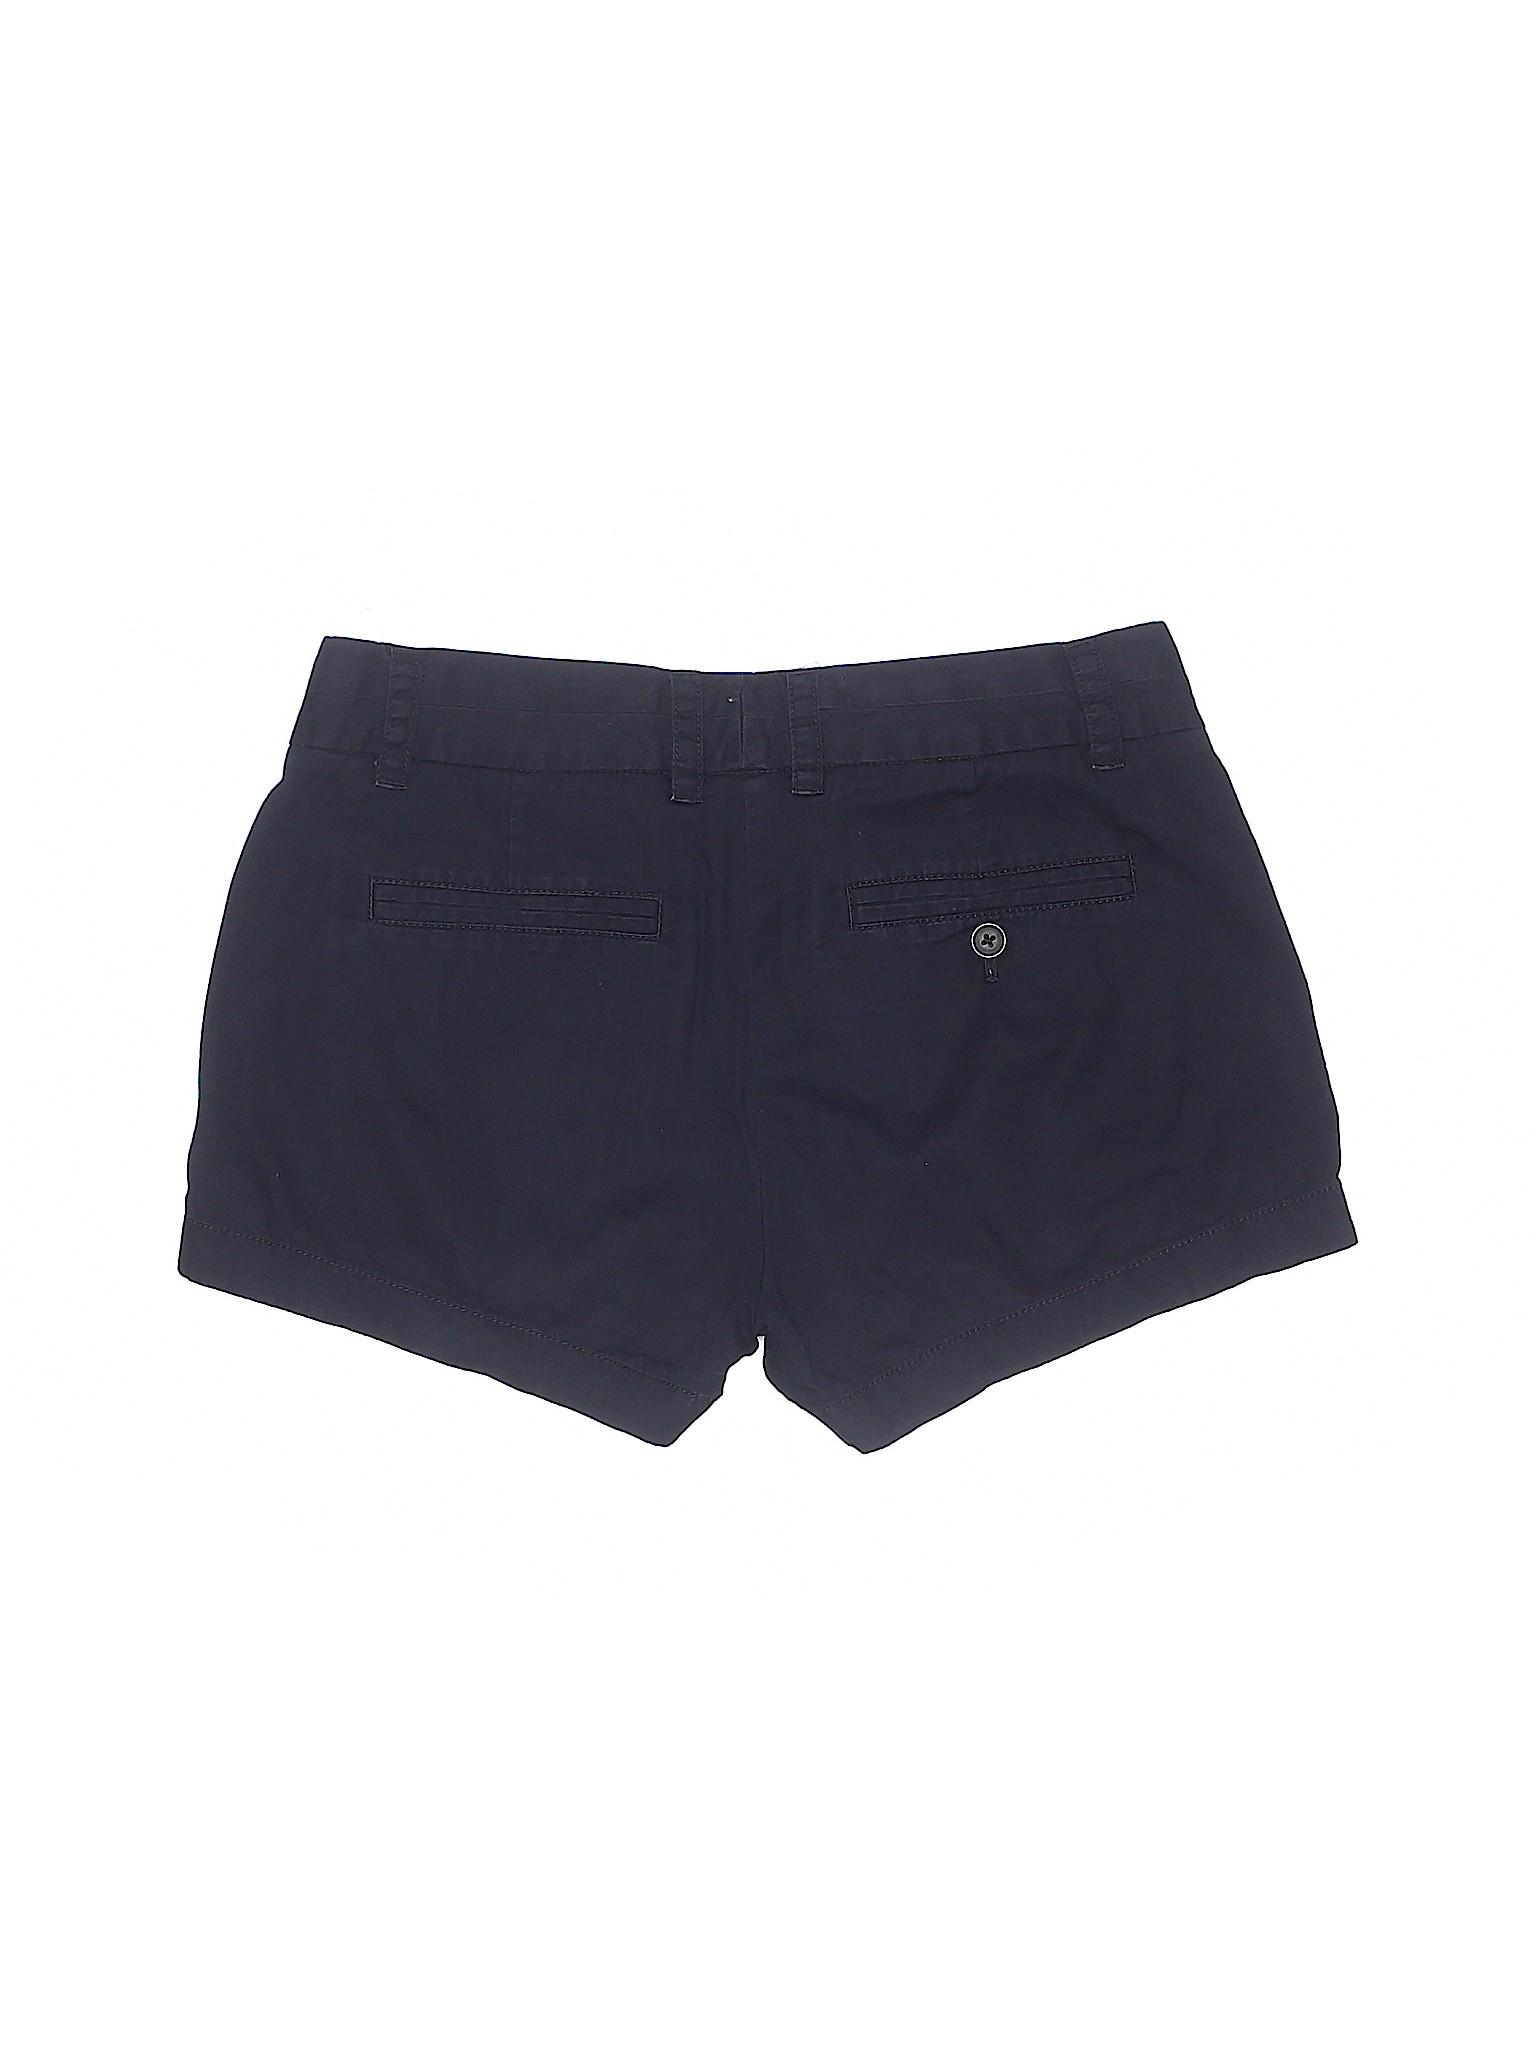 Boutique Crew J Boutique Khaki Crew Khaki Boutique Shorts Shorts J w1Wxfqg0X